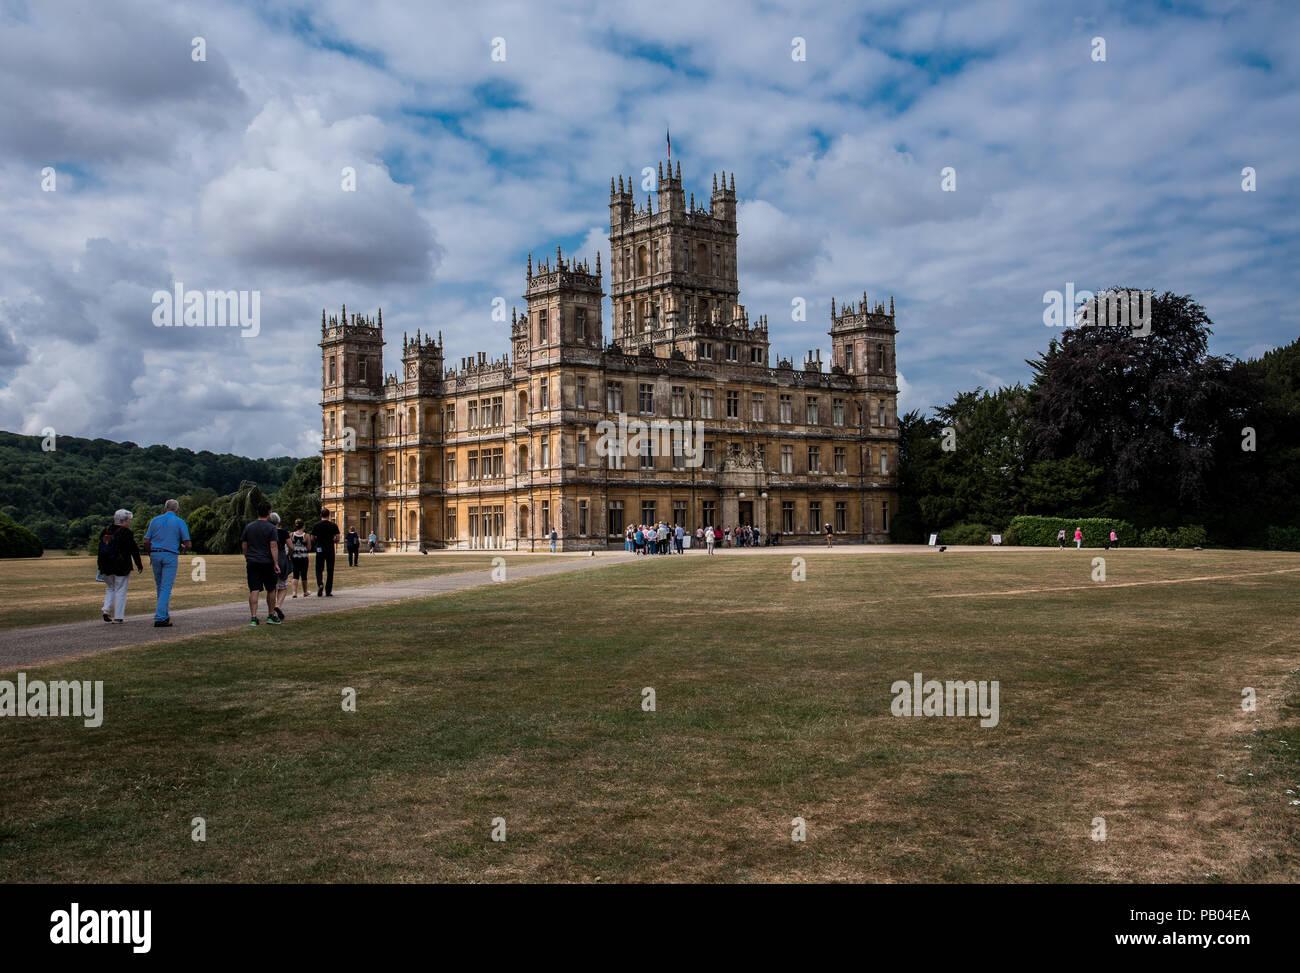 Newbury, Inglaterra--Julio 18, 2018. Highclere Castle se encuentra en una finca de 5.000 acres en Hampshire, Inglaterra, y es la localización de Downton Abbey. Imagen De Stock